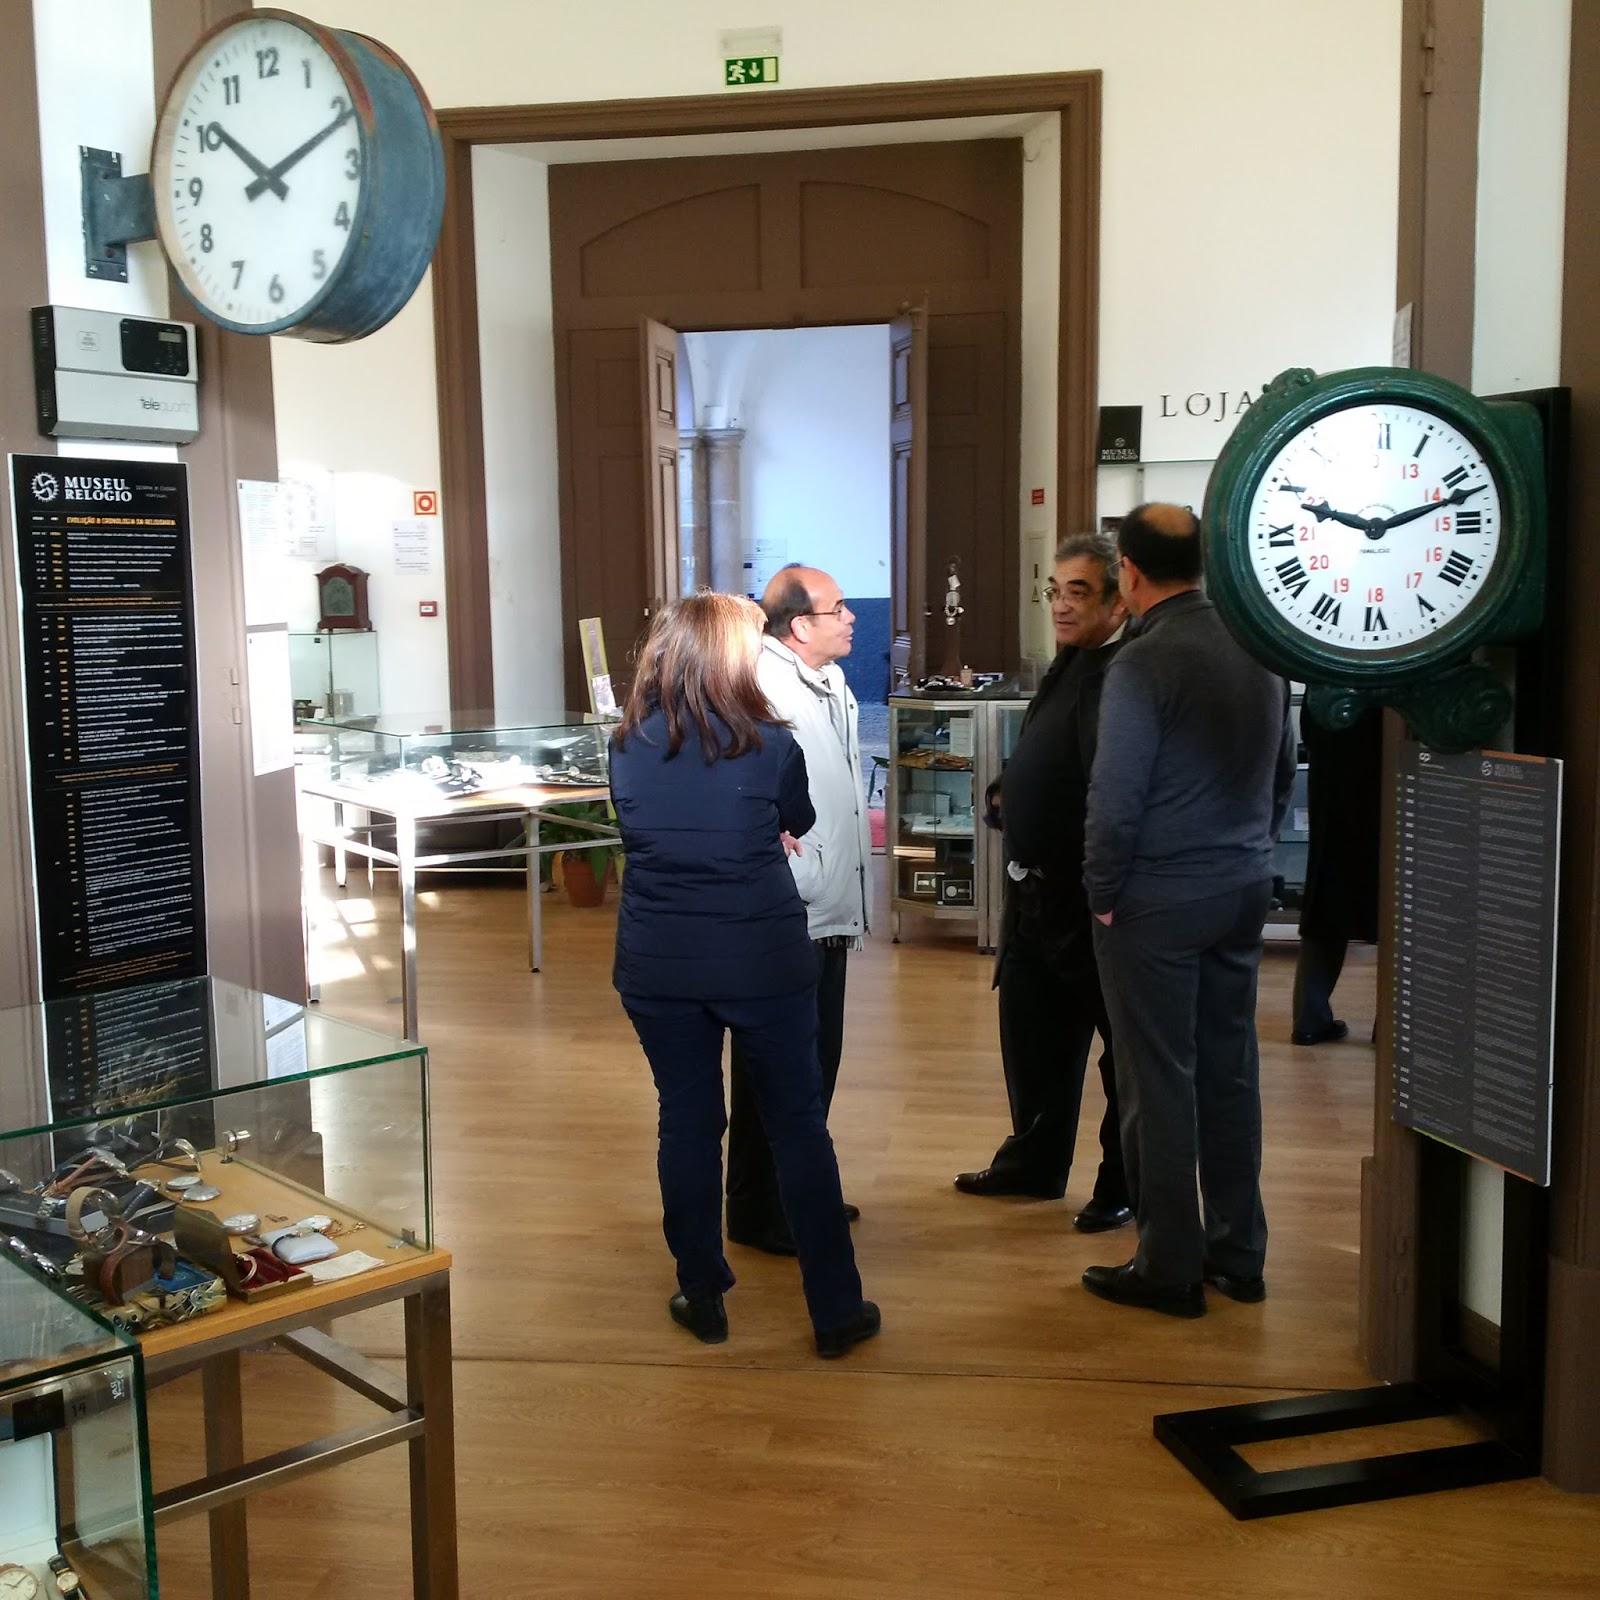 1cb34647577 Estação Cronográfica  Museu do Relógio expõe em Évora relógios da CP